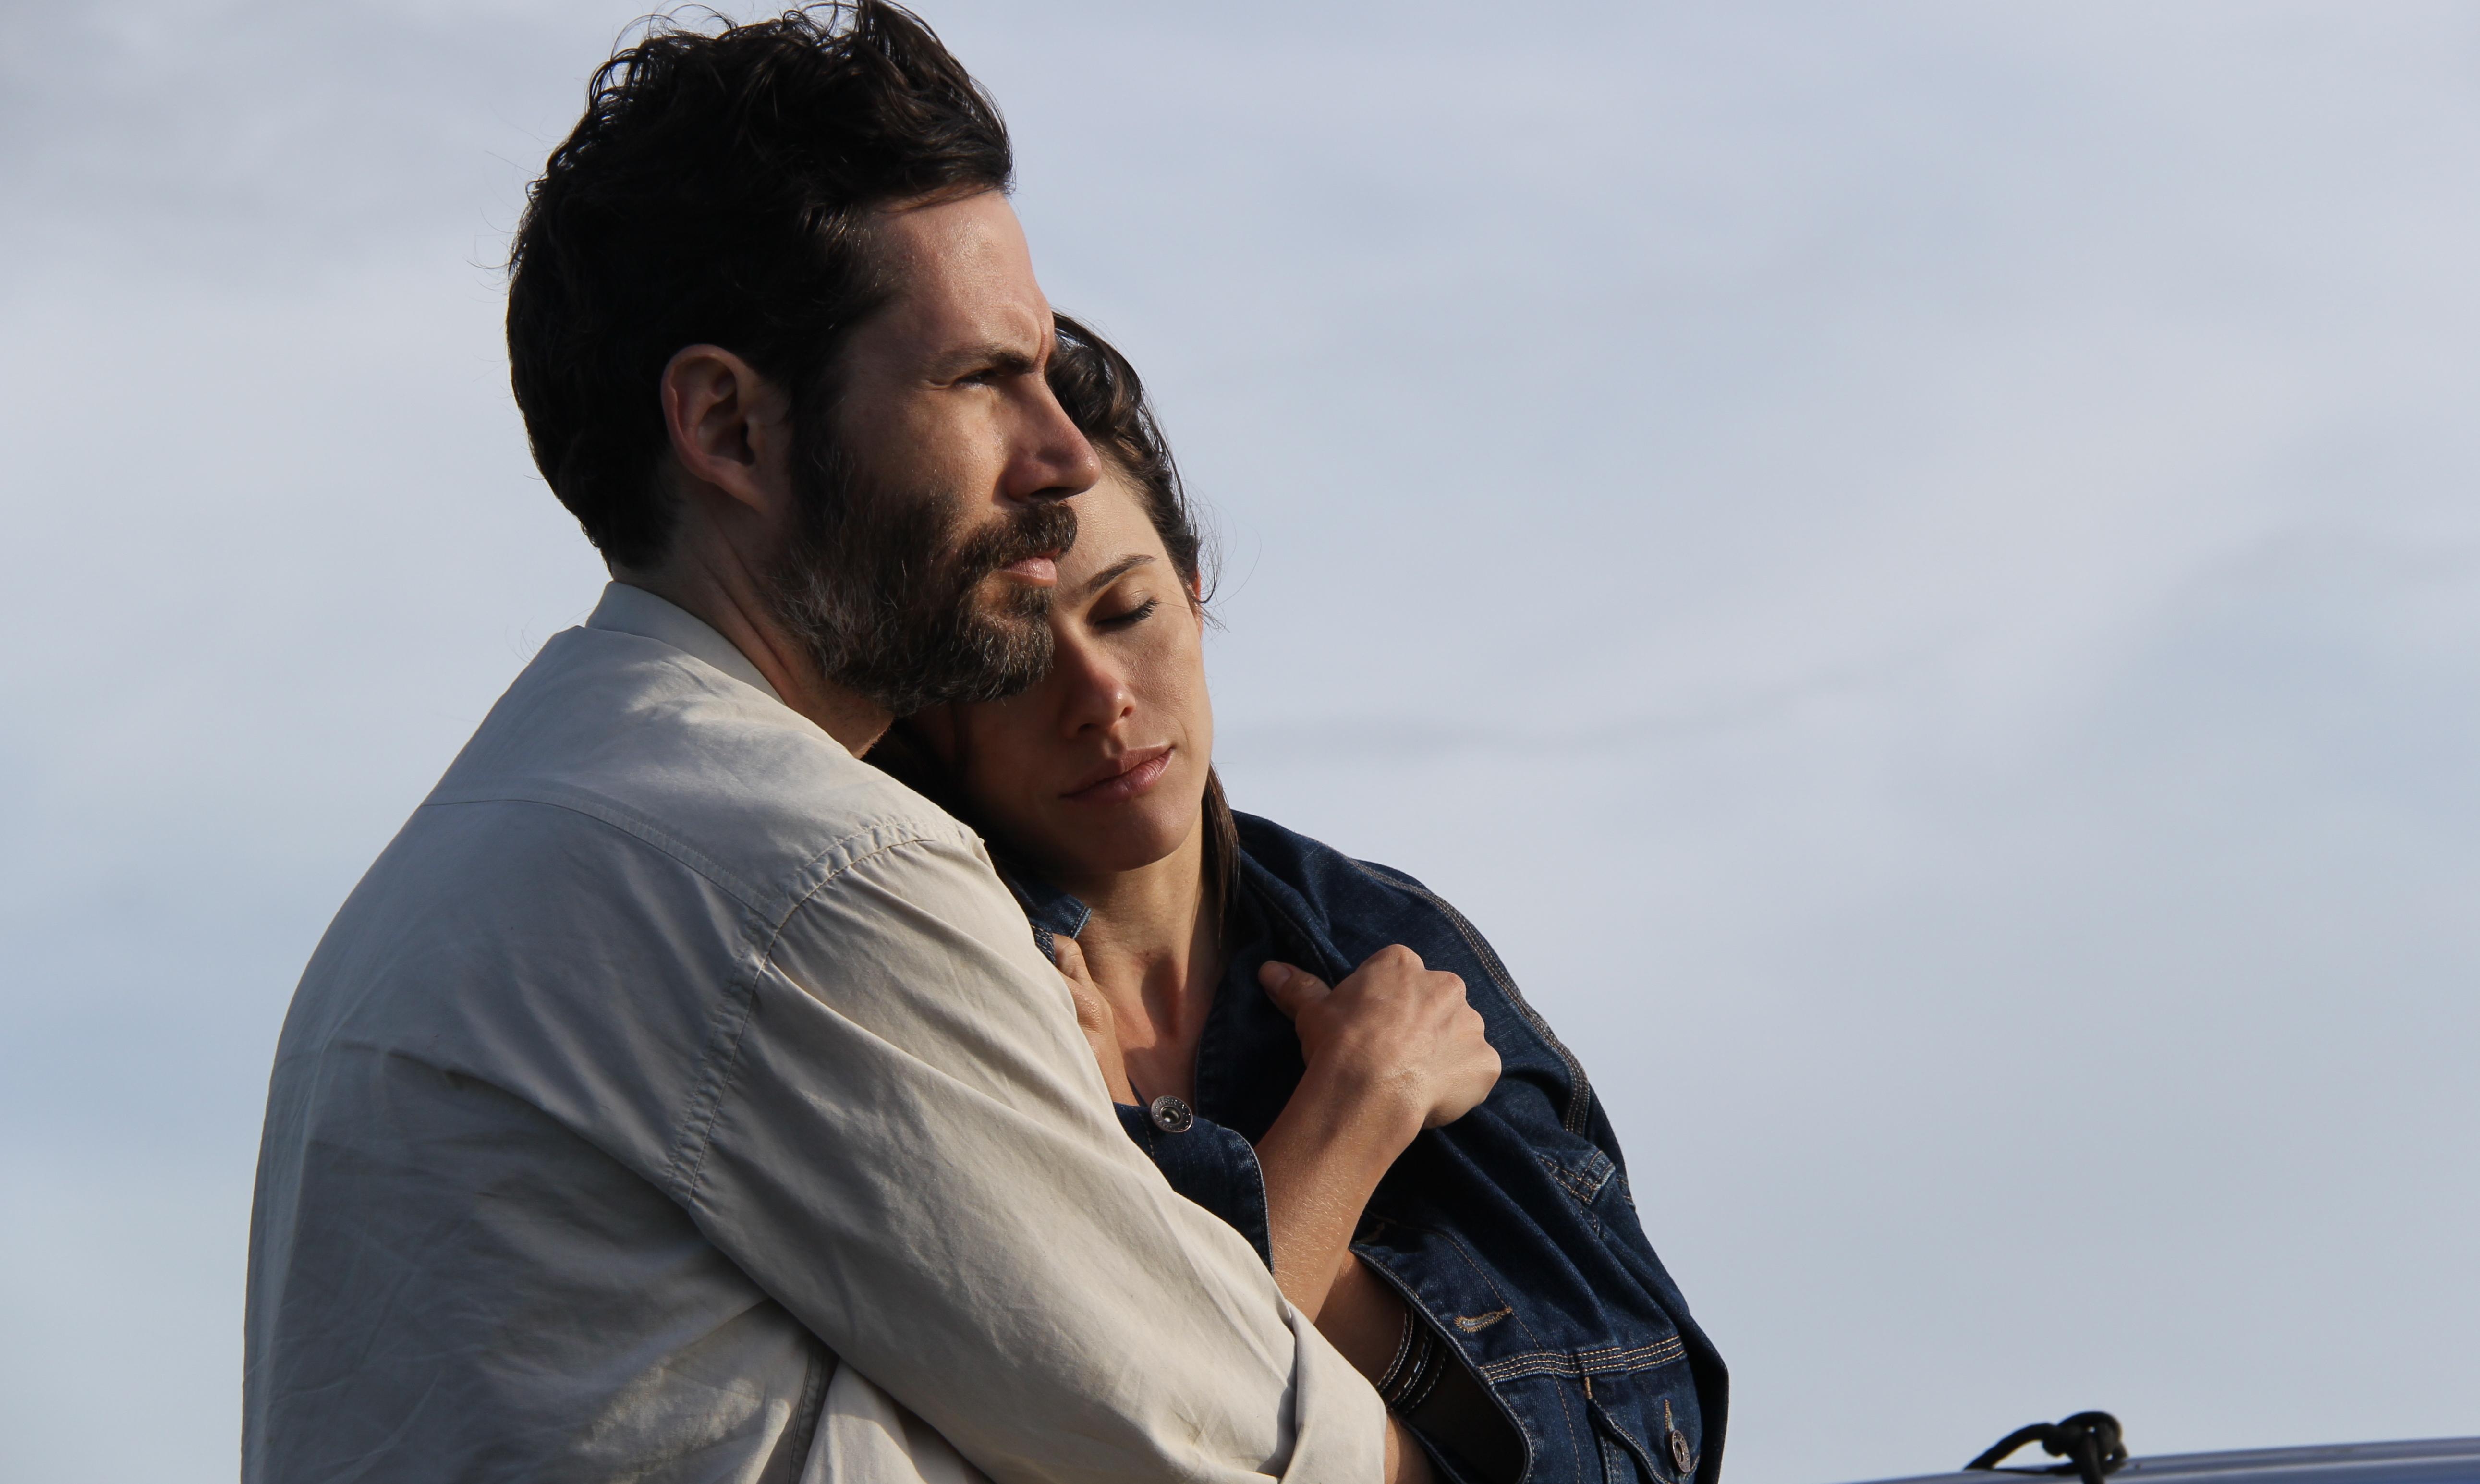 Filme goiano 'Alaska' estreia na próxima quinta-feira (21)